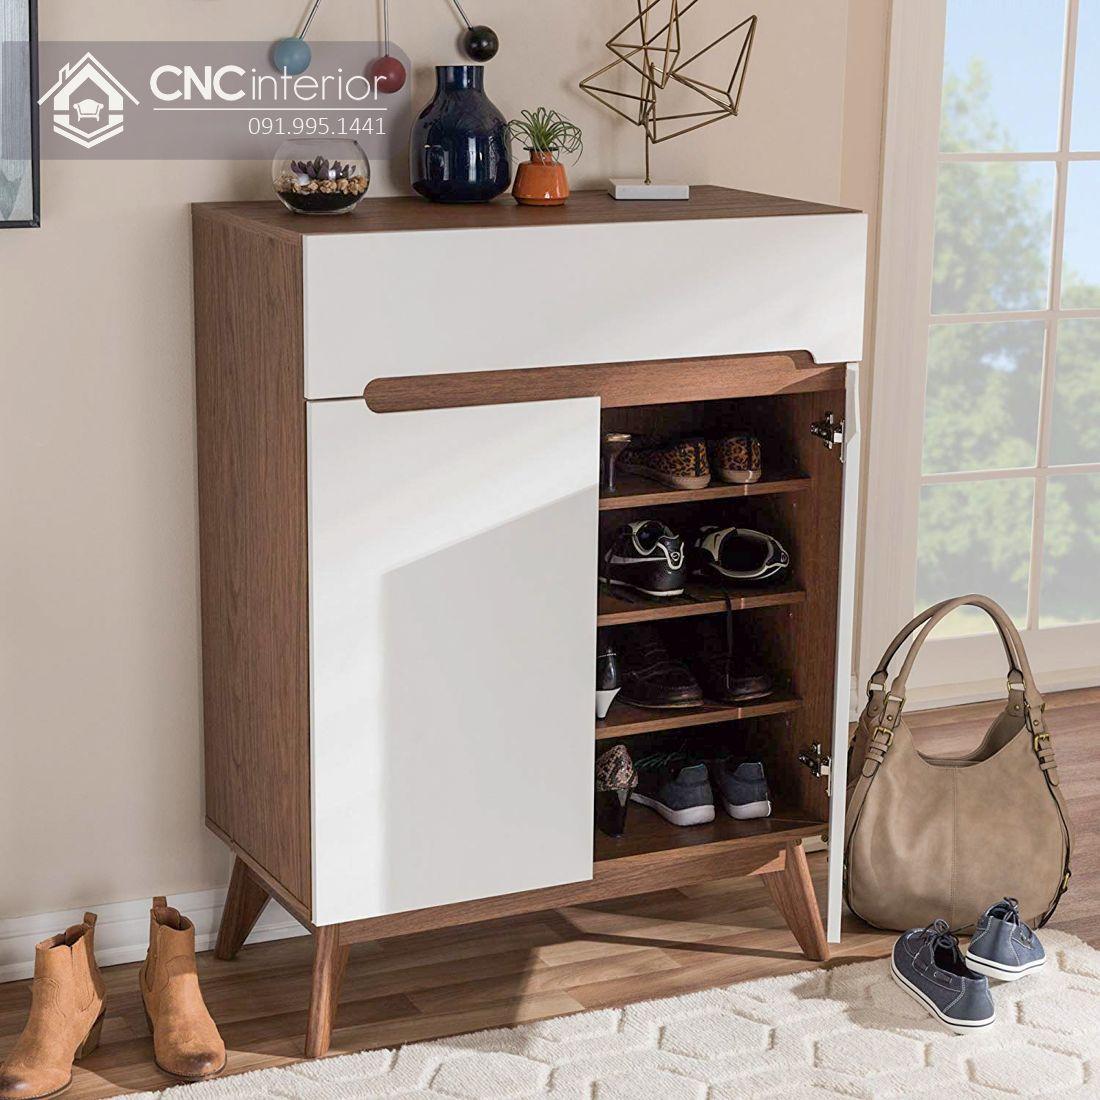 Tủ giày gỗ cao 1m2 đảm bảo tiện nghi CNC 05 4